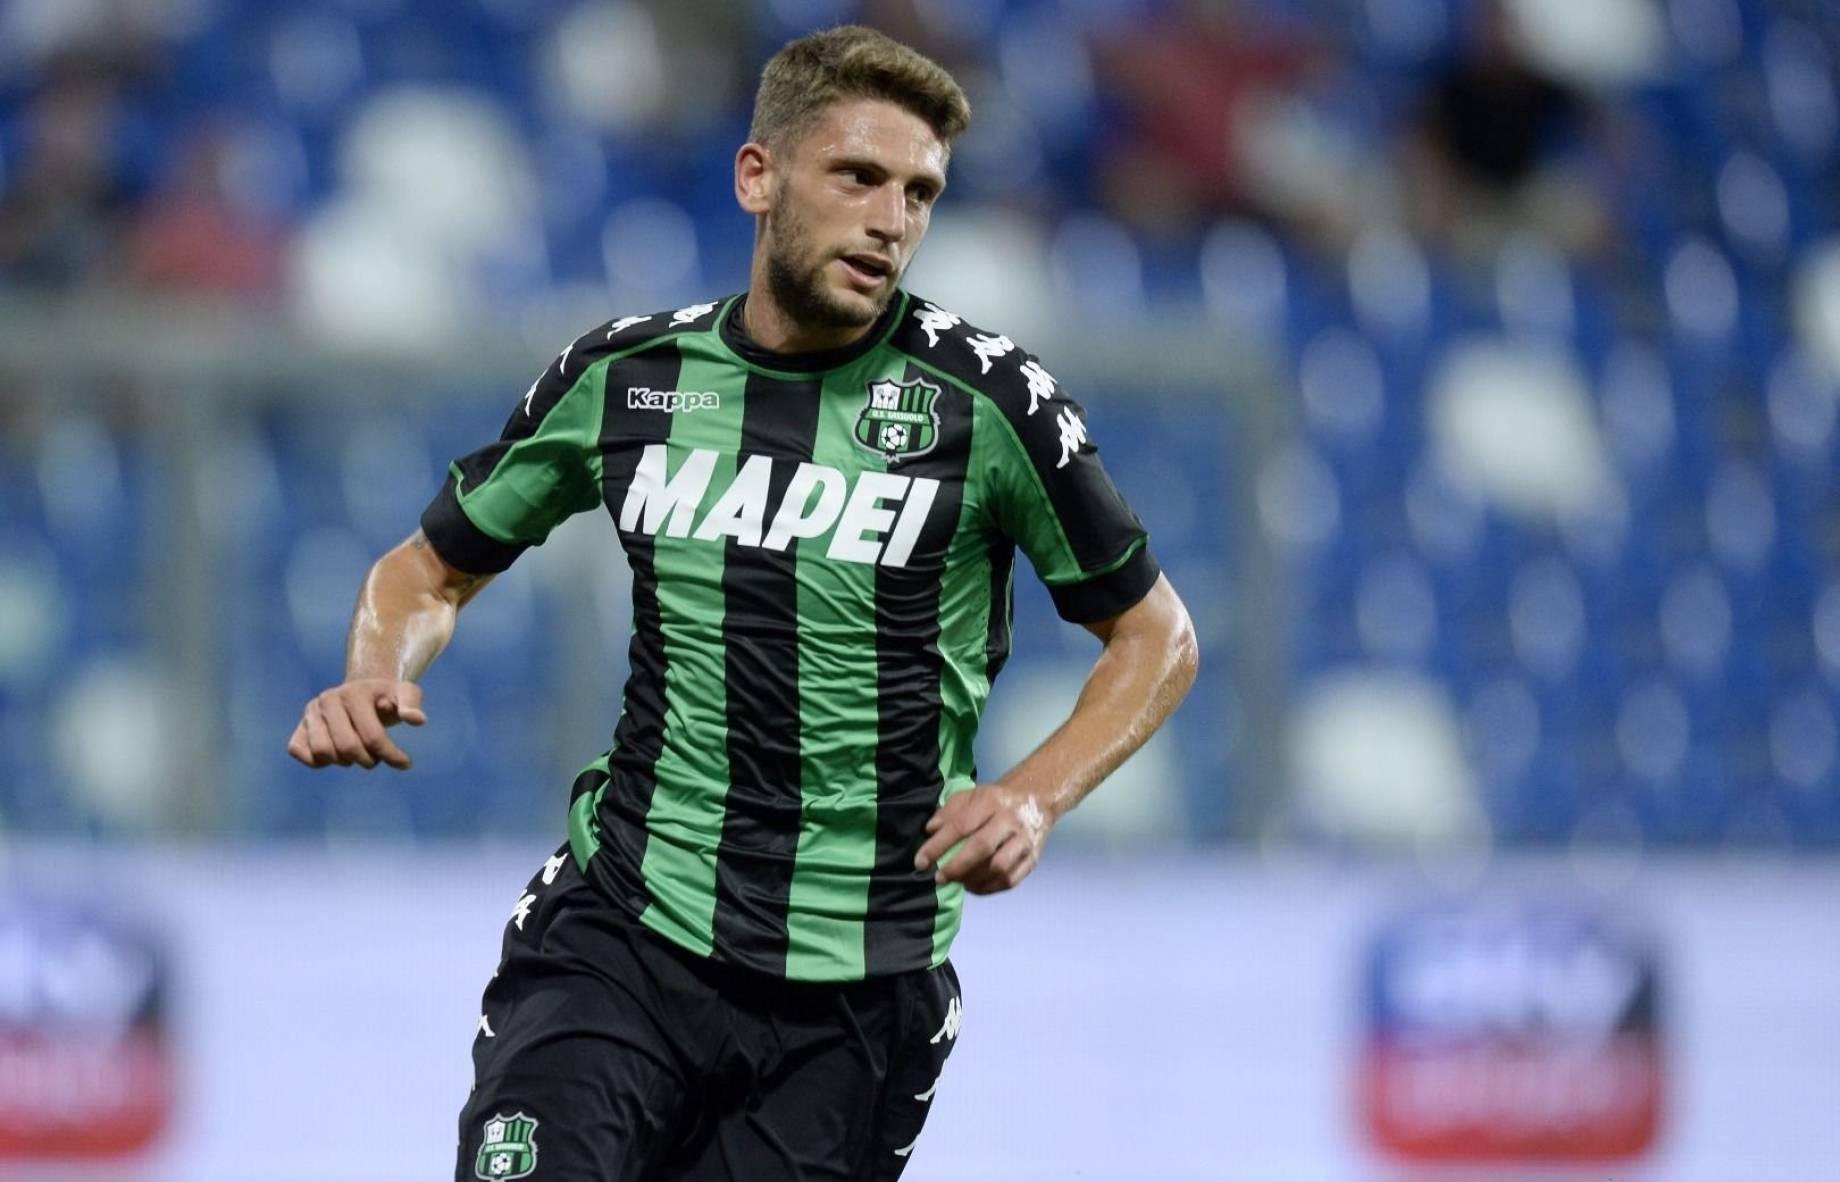 Calciomercato Milan, Locatelli viaggia verso il Sassuolo: scambio di prestiti con Berardi?